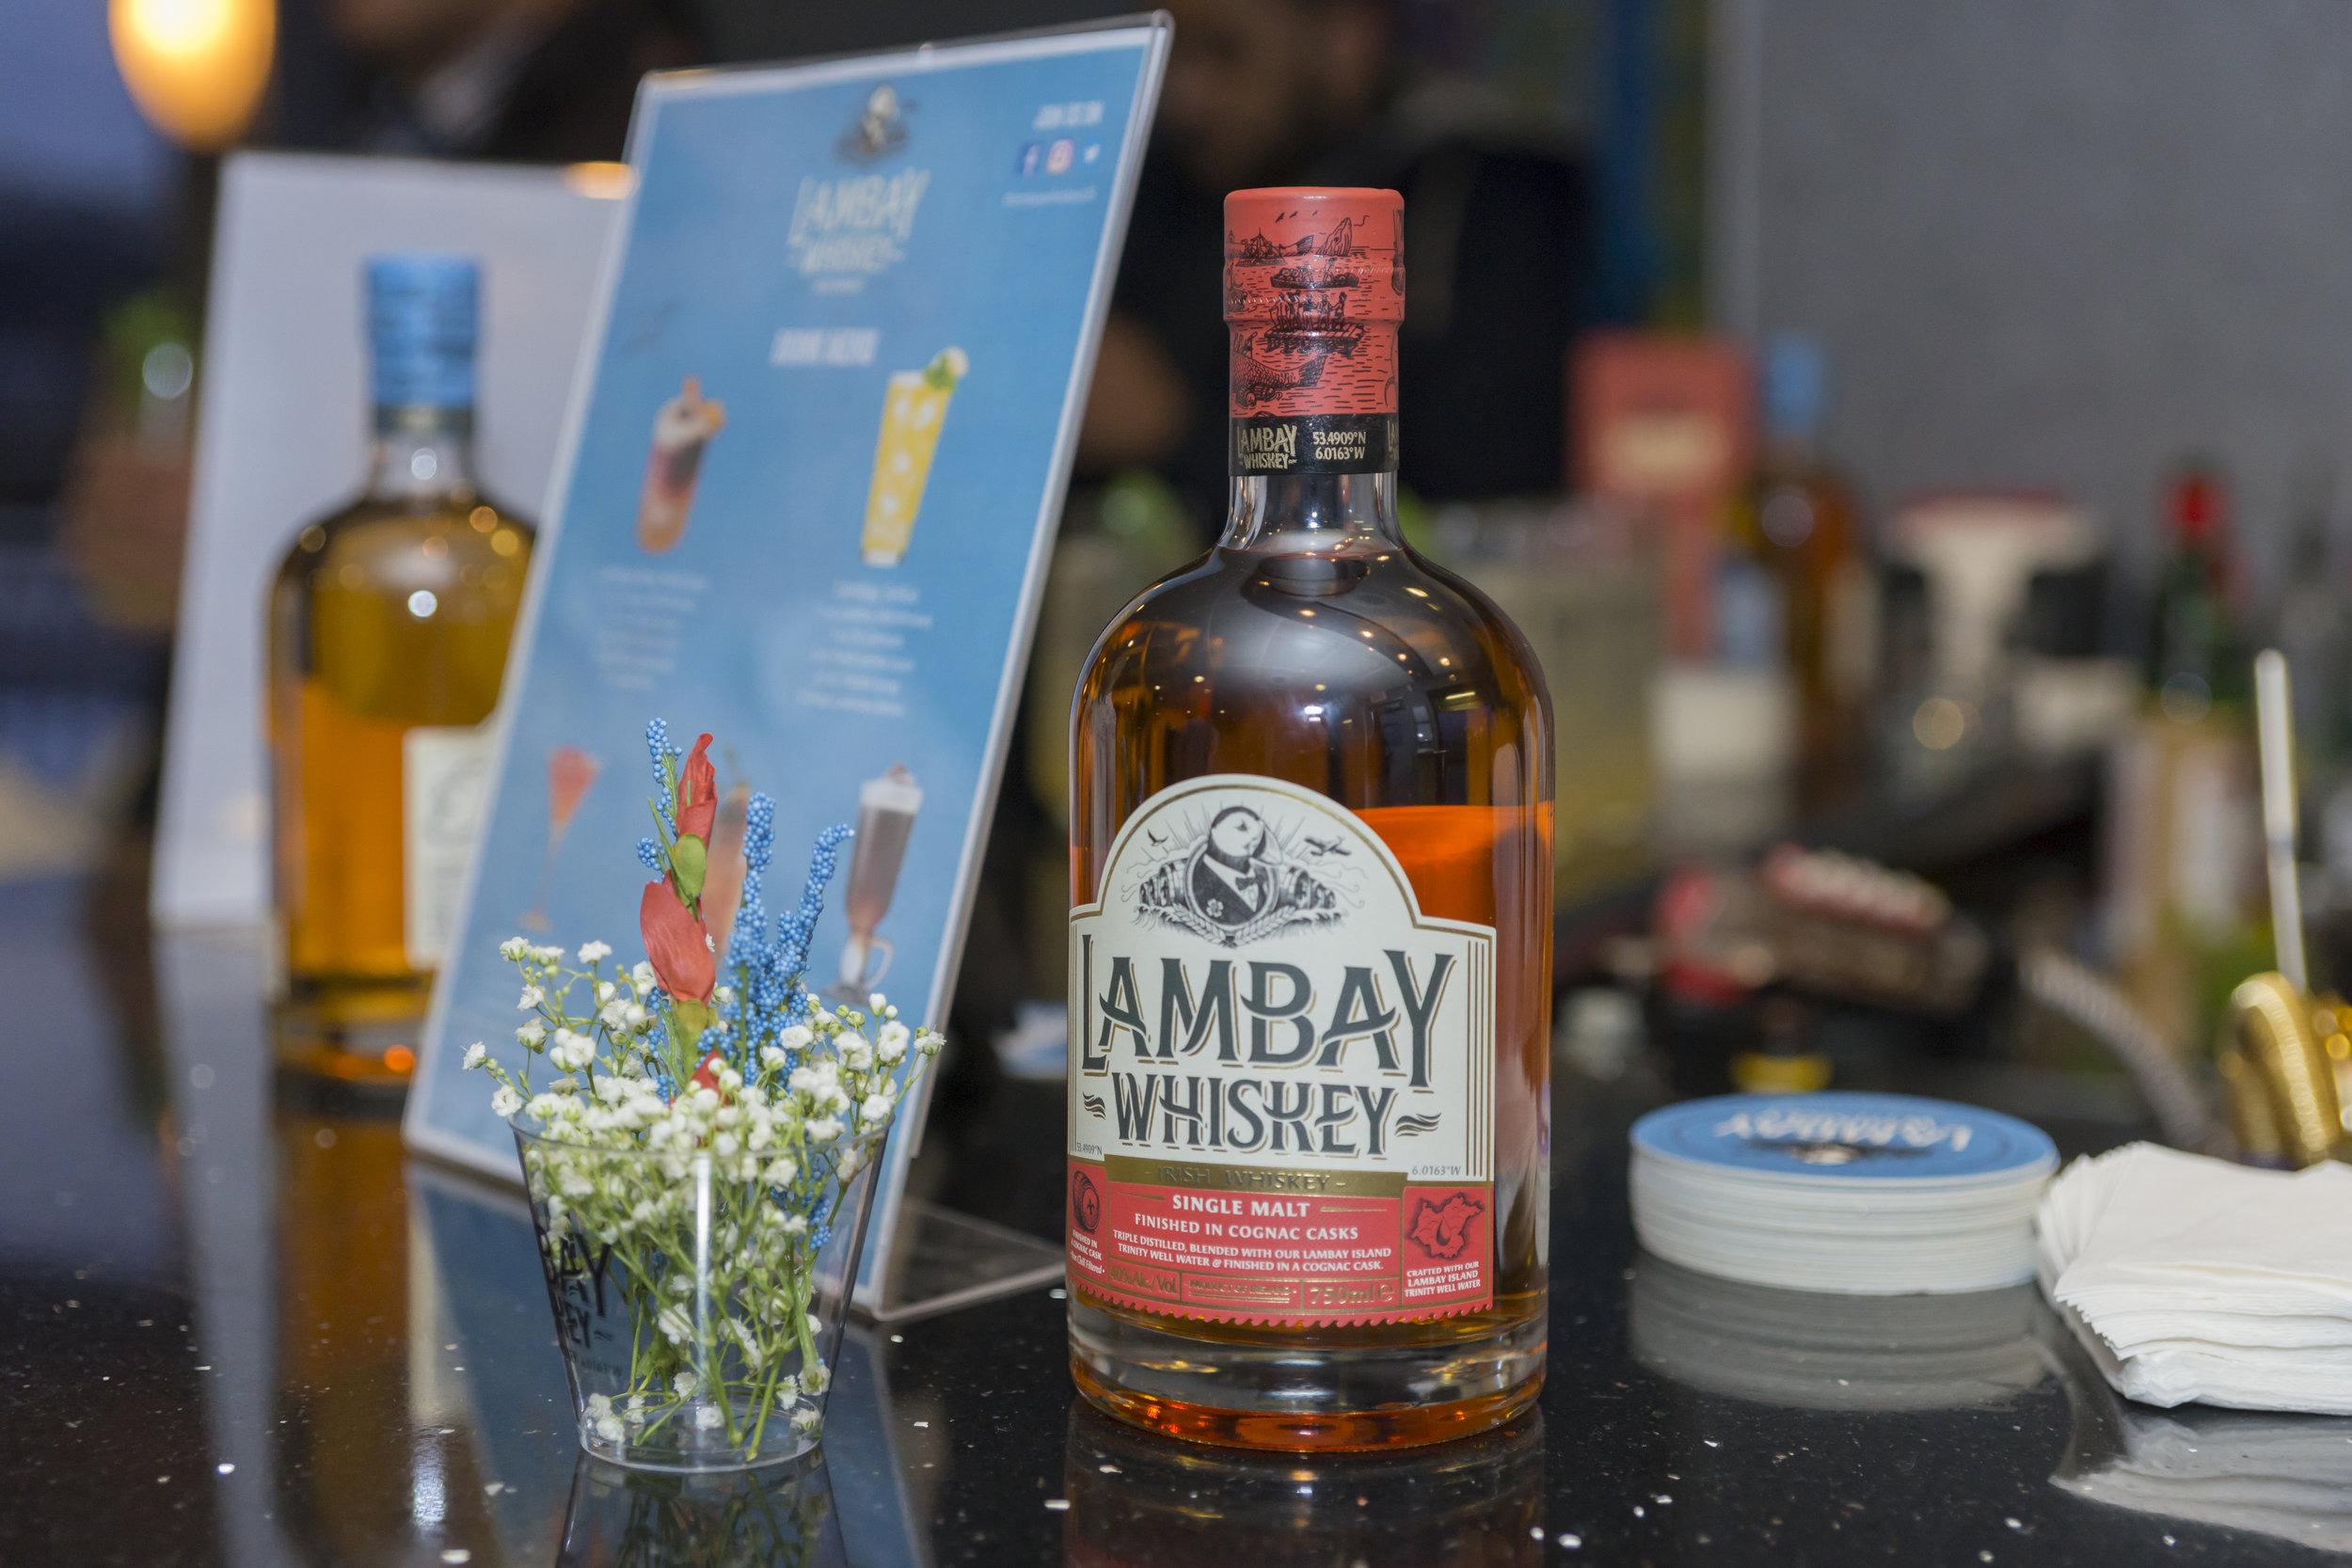 20180309_Lambay Whiskey Yacht Party_007.jpg